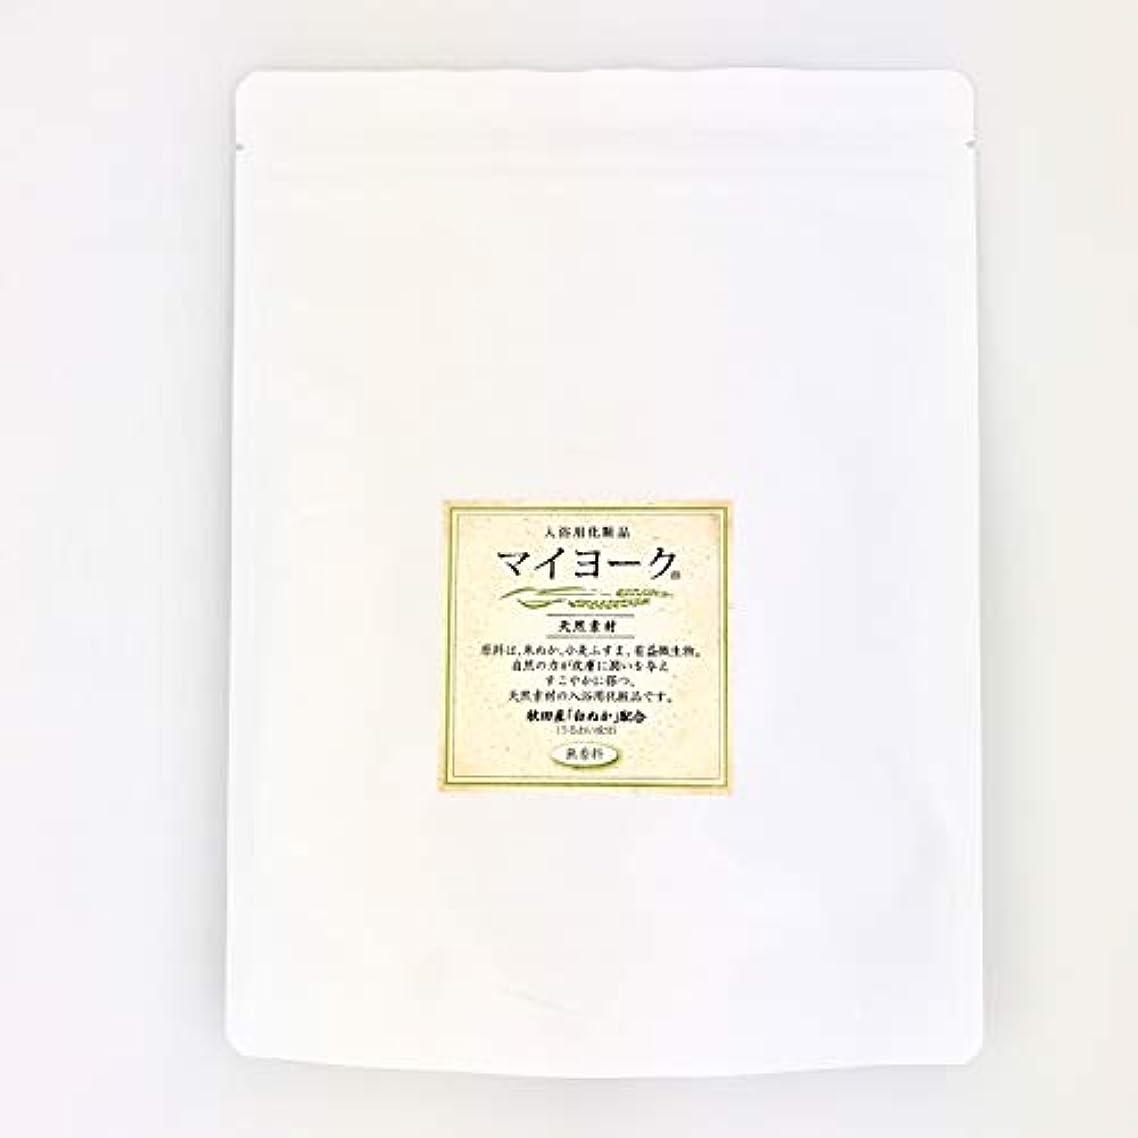 アート威信あえぎ入浴用化粧品マイヨーク 10個入